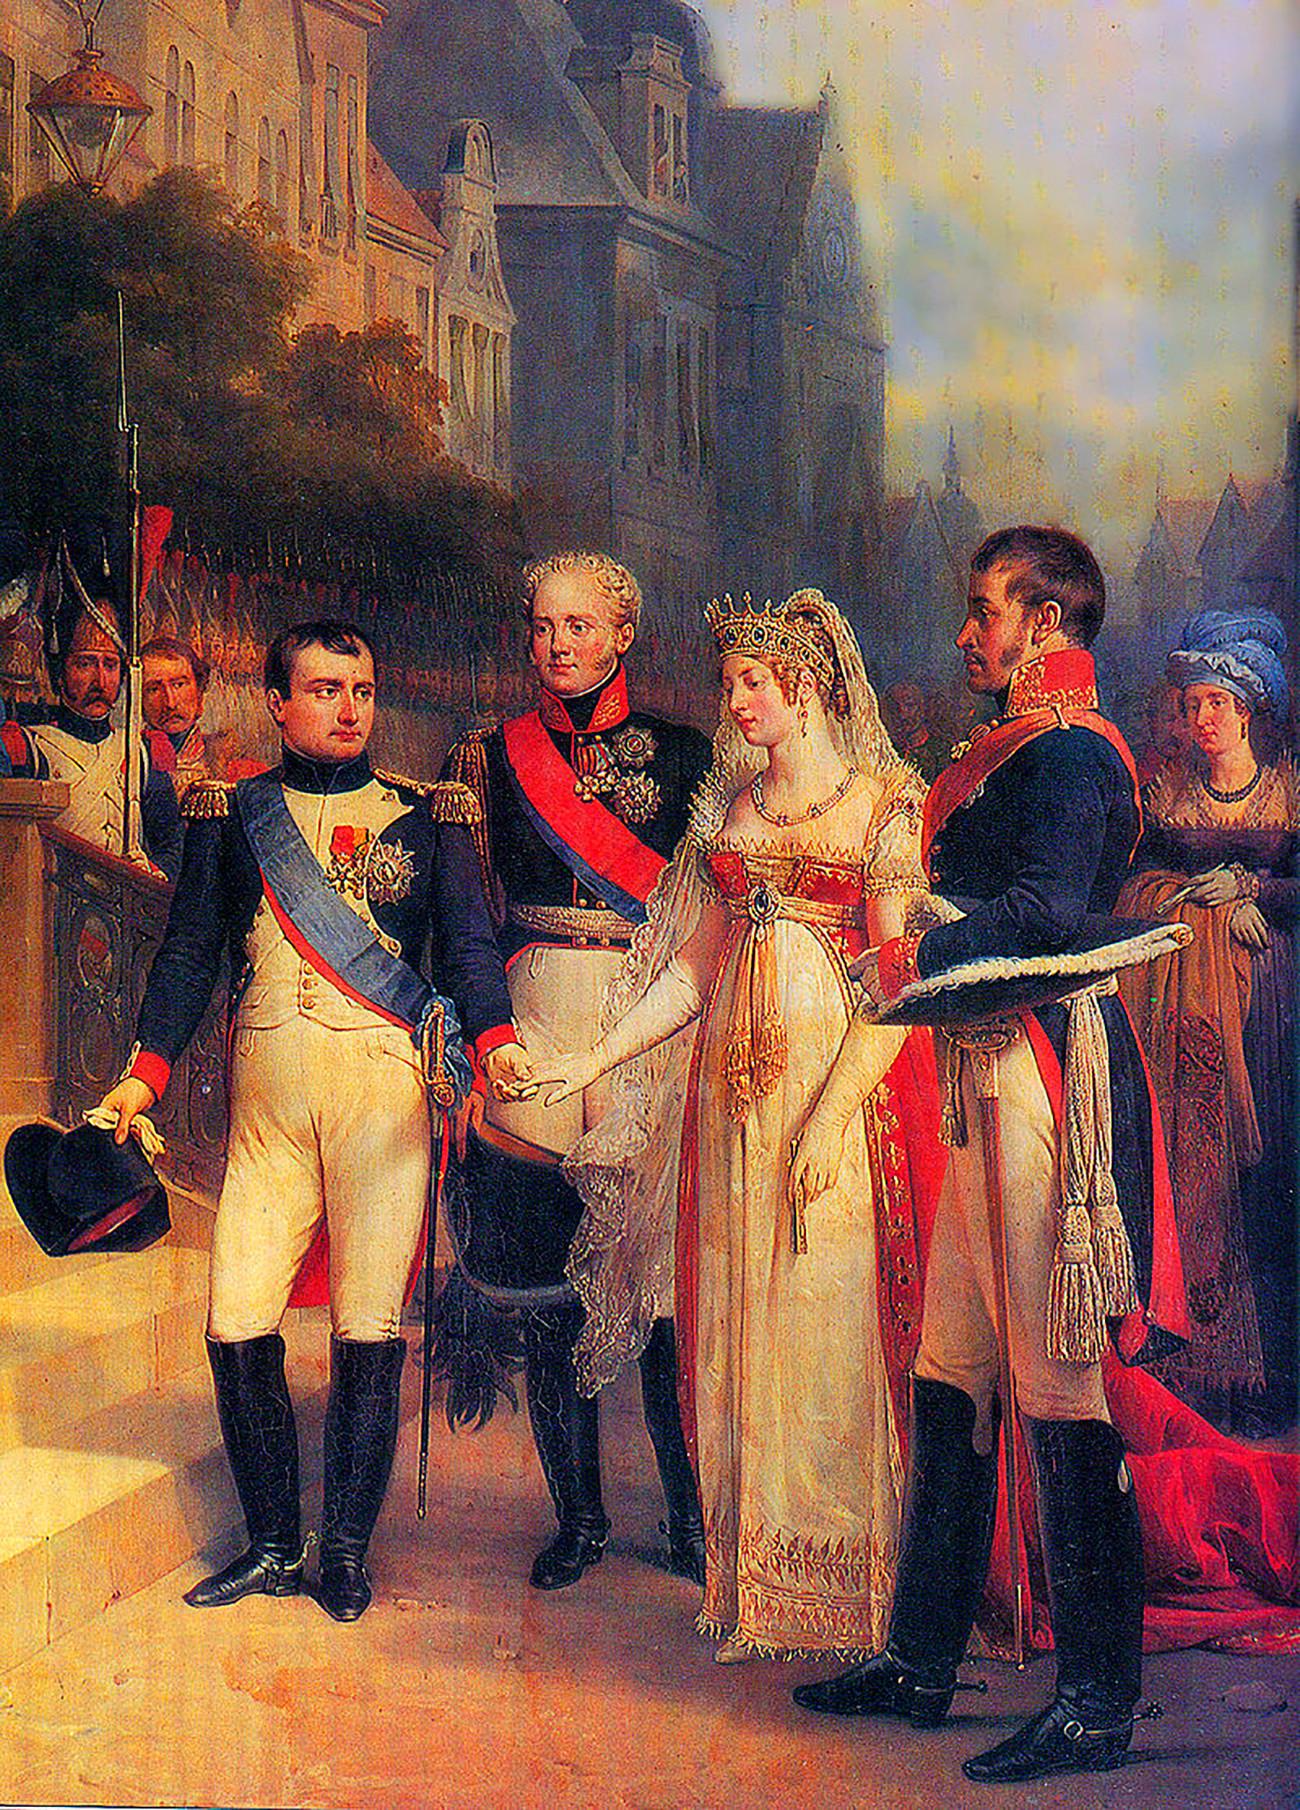 ティルジットの和約、(左から)ナポレオン、アレクサンドル1世、ルイーゼプロイセン王妃、フリードリヒ・ヴィルヘルム3世